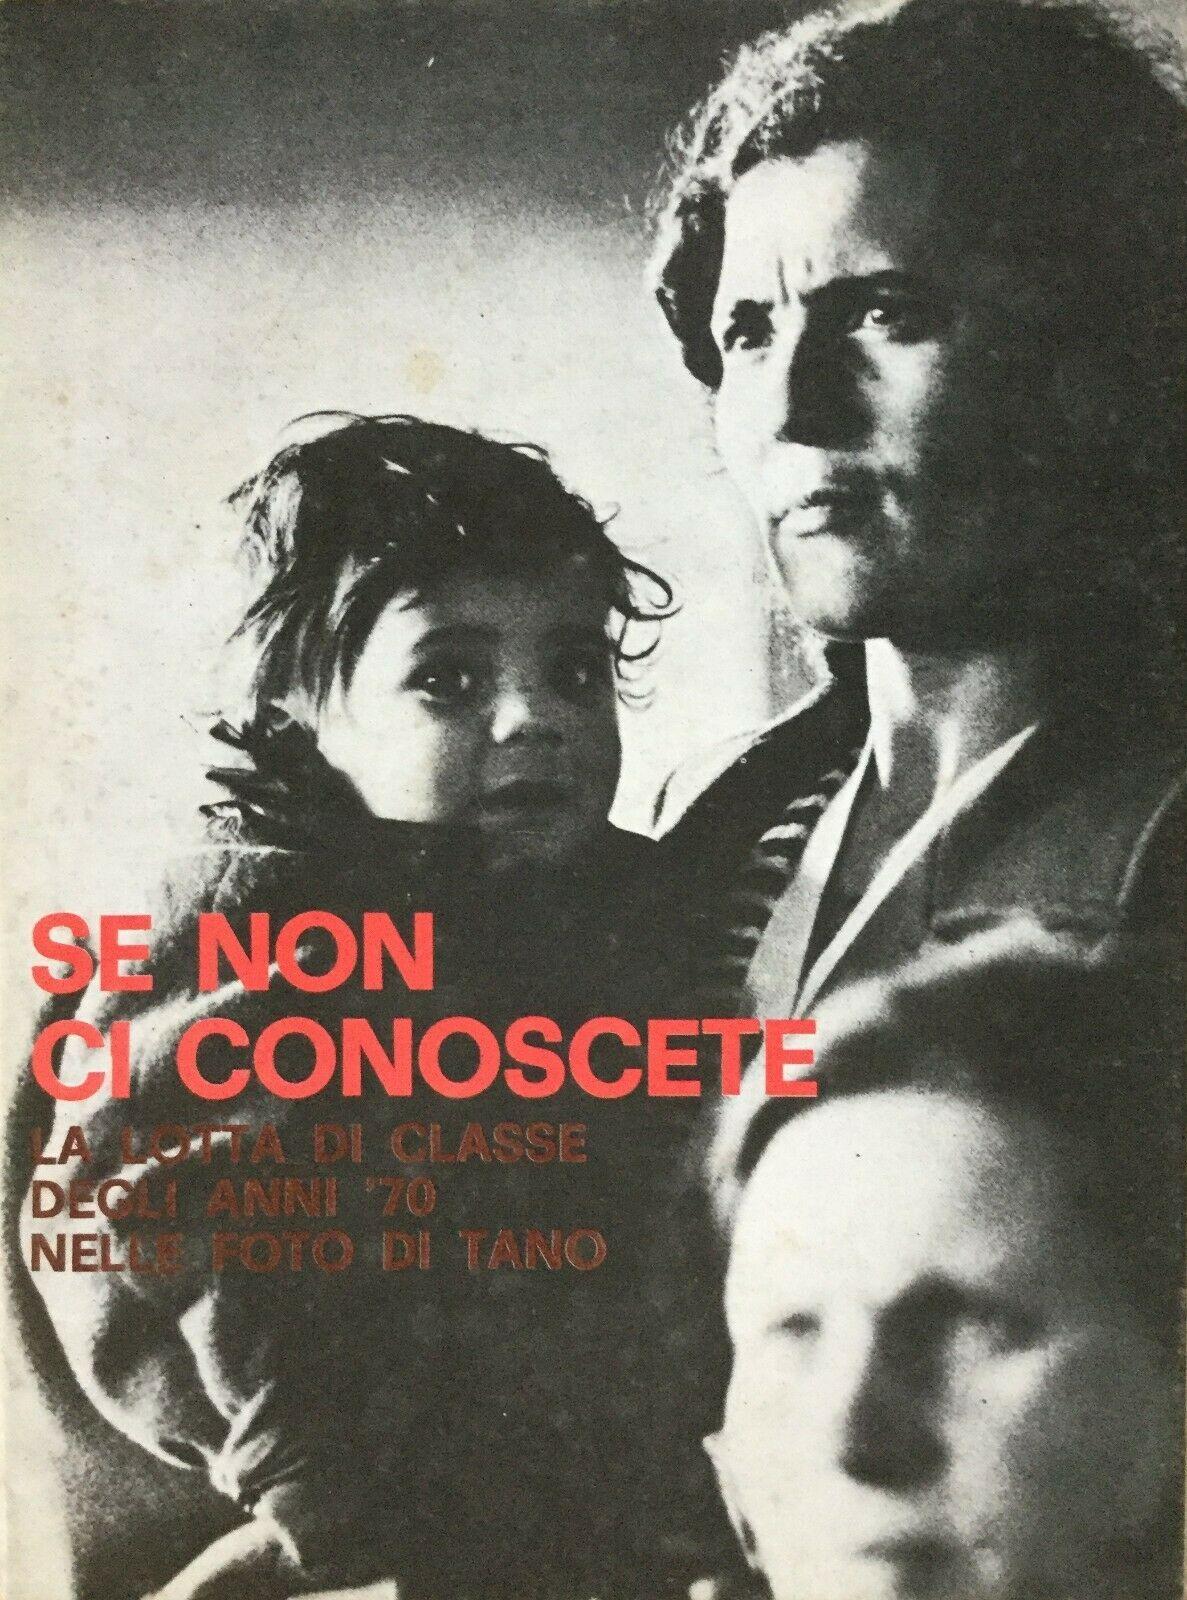 """""""Se non ci conoscete: la lotta di classe degli anni '70 nelle foto di Tano D'Amico"""": se volete veramente capire gli anni '70"""